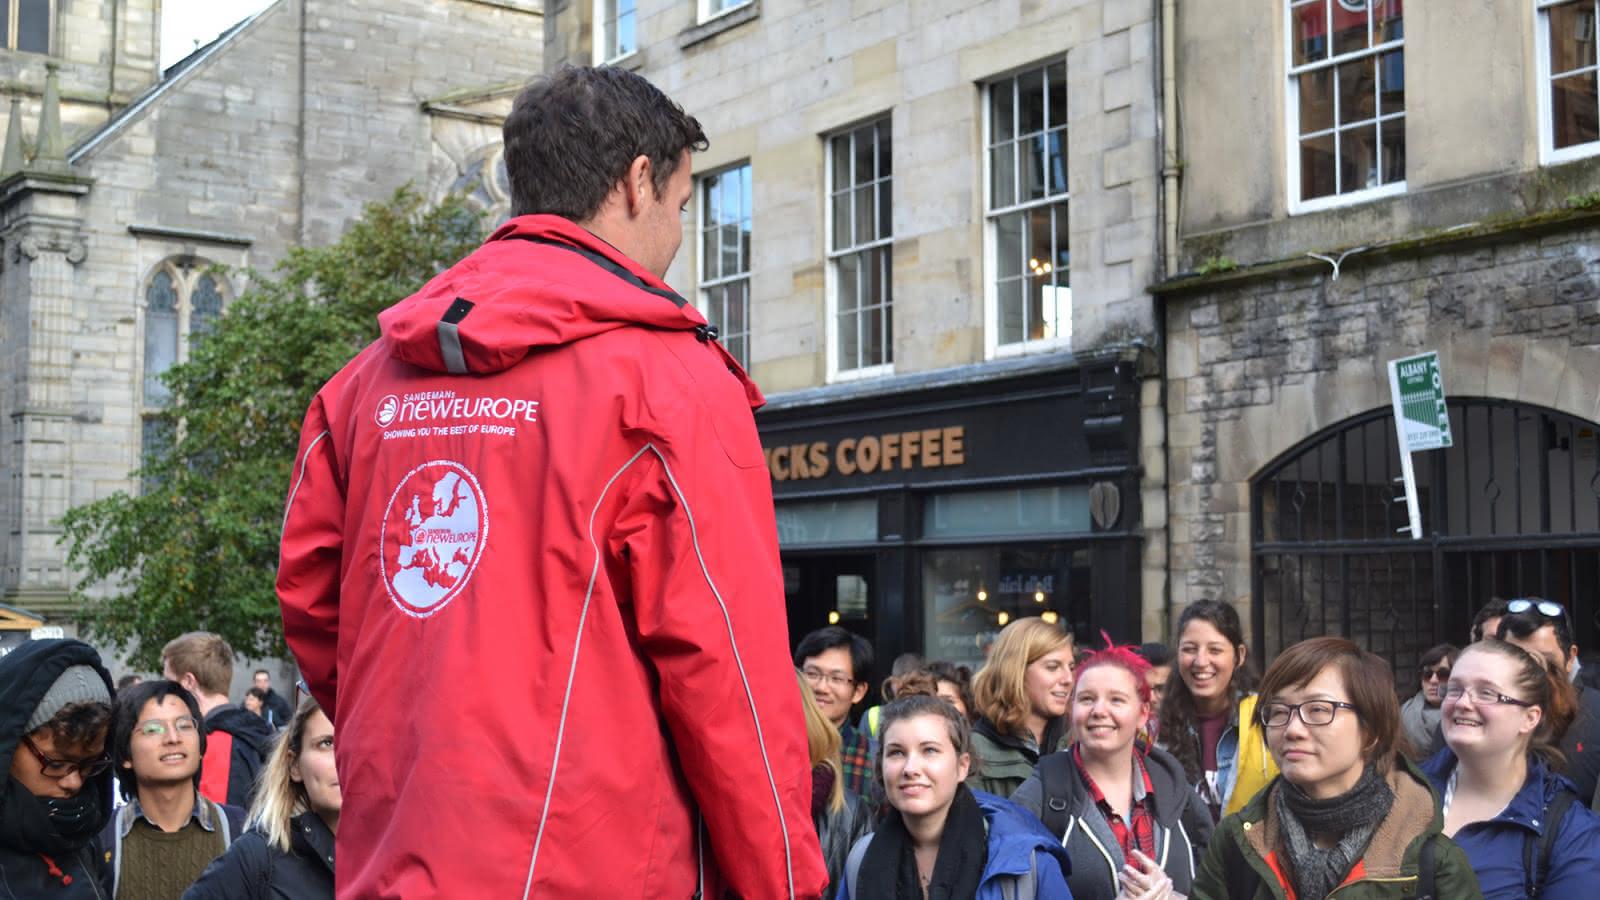 SANDEMANs' guests volunteer to clean up edinburgh